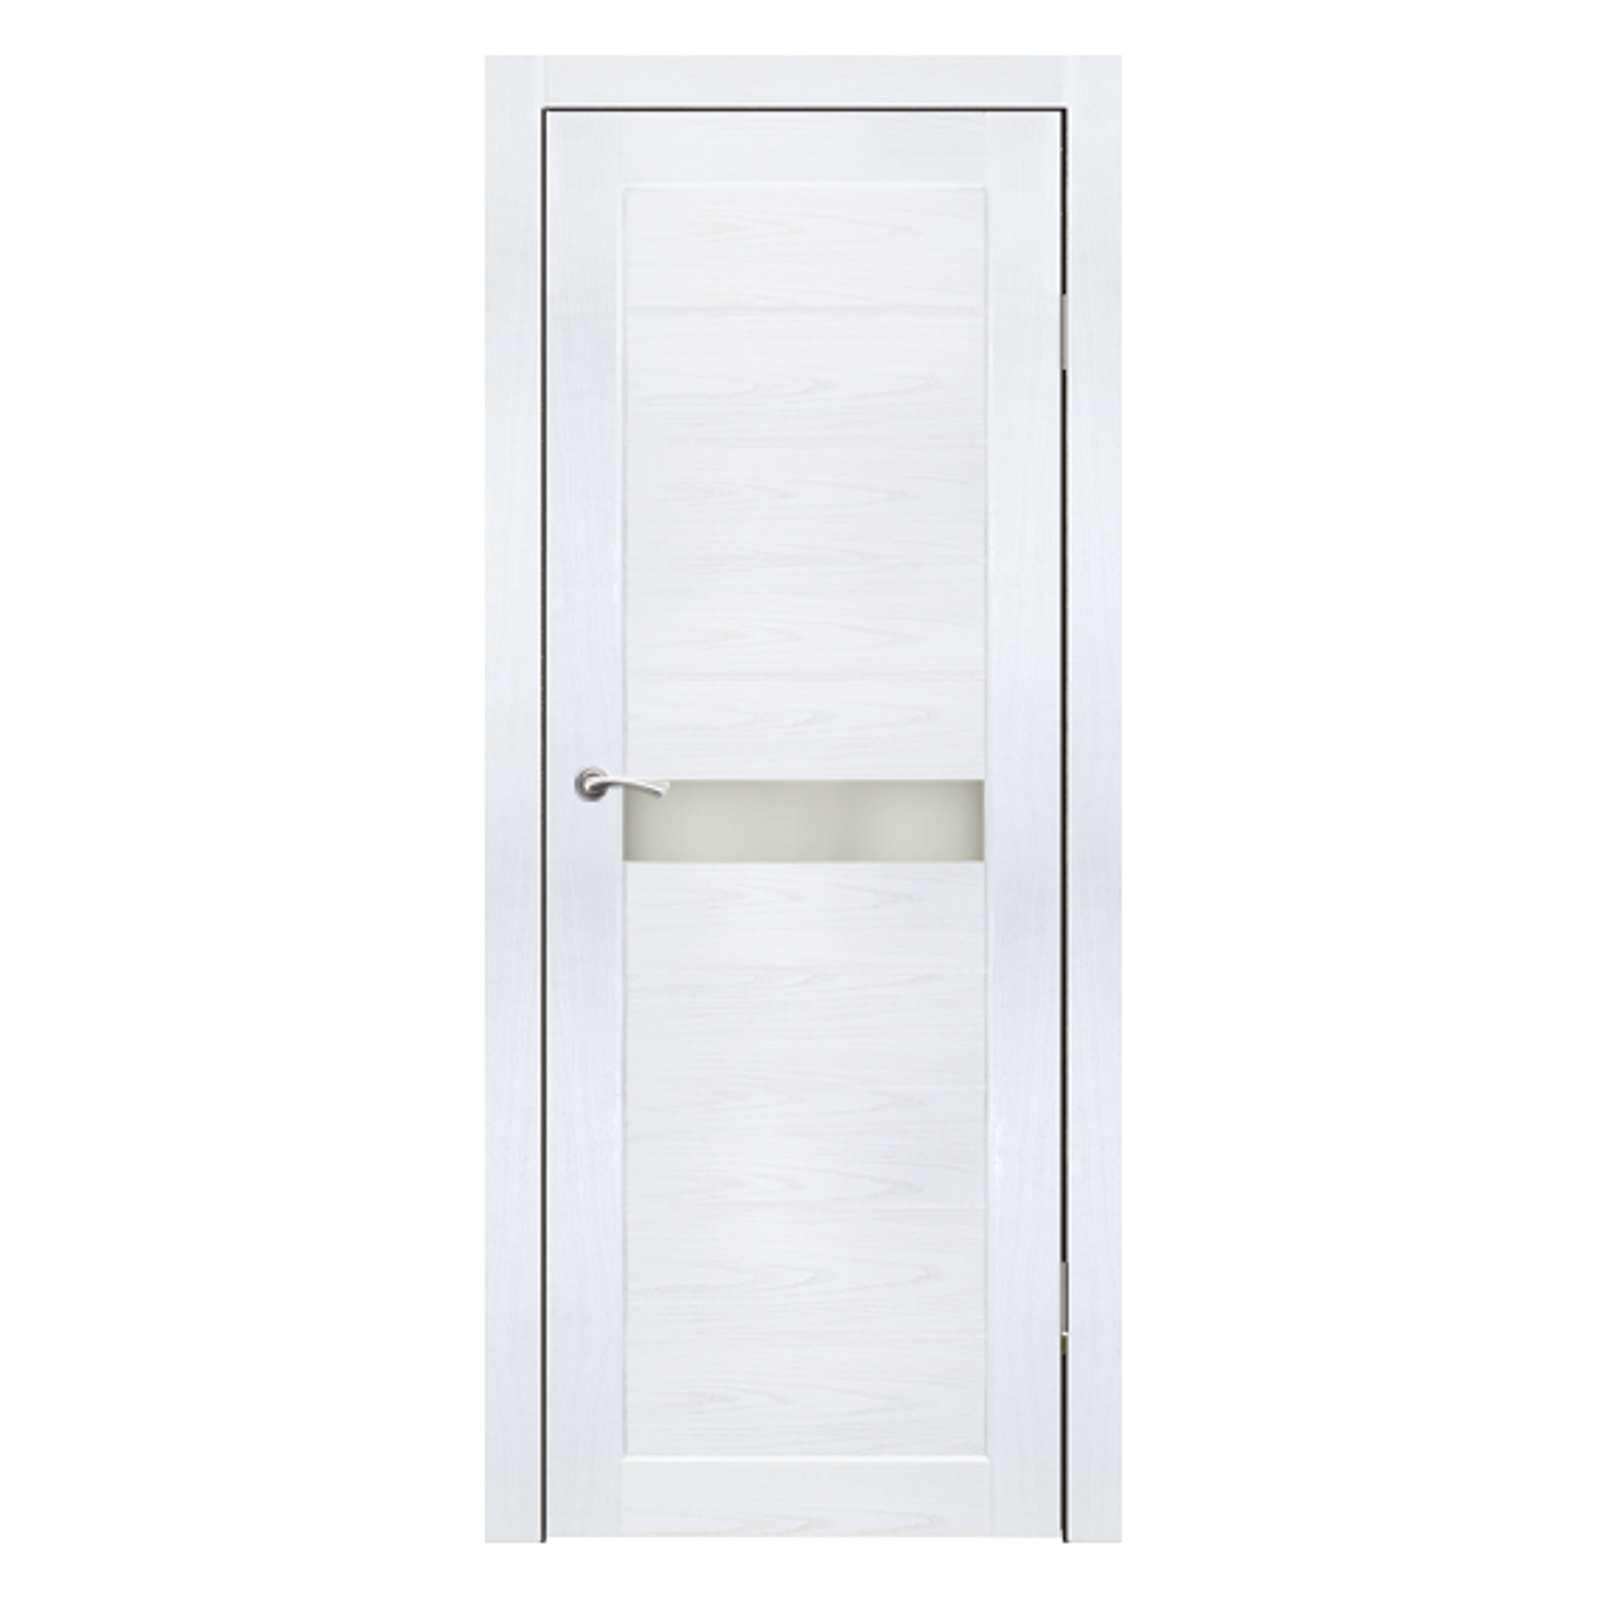 Полотно дверное остекленное Примо (стекло Лаколь белое) СИНЕРЖИ ясень белый ПВХ, ПДО 600х2000мм